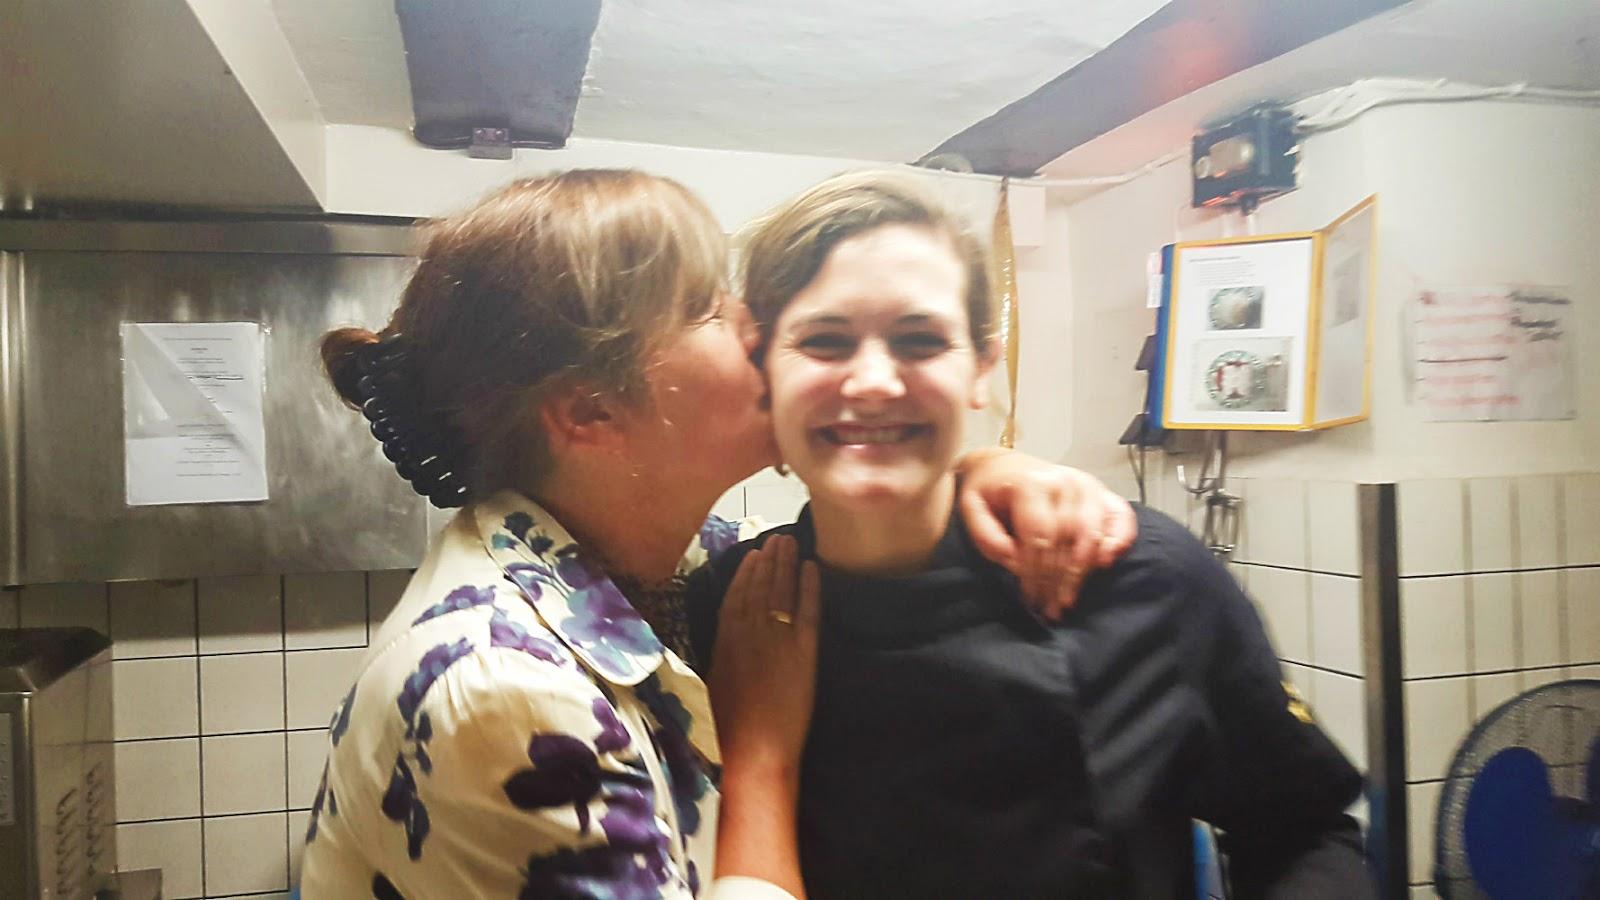 Quatsch in der Spielwegküche mit Viktoria Fuchs und Arthurs Tochter | Arthurs Tochter kocht. von Astrid Paul. Der Blog für food, wine, travel & love